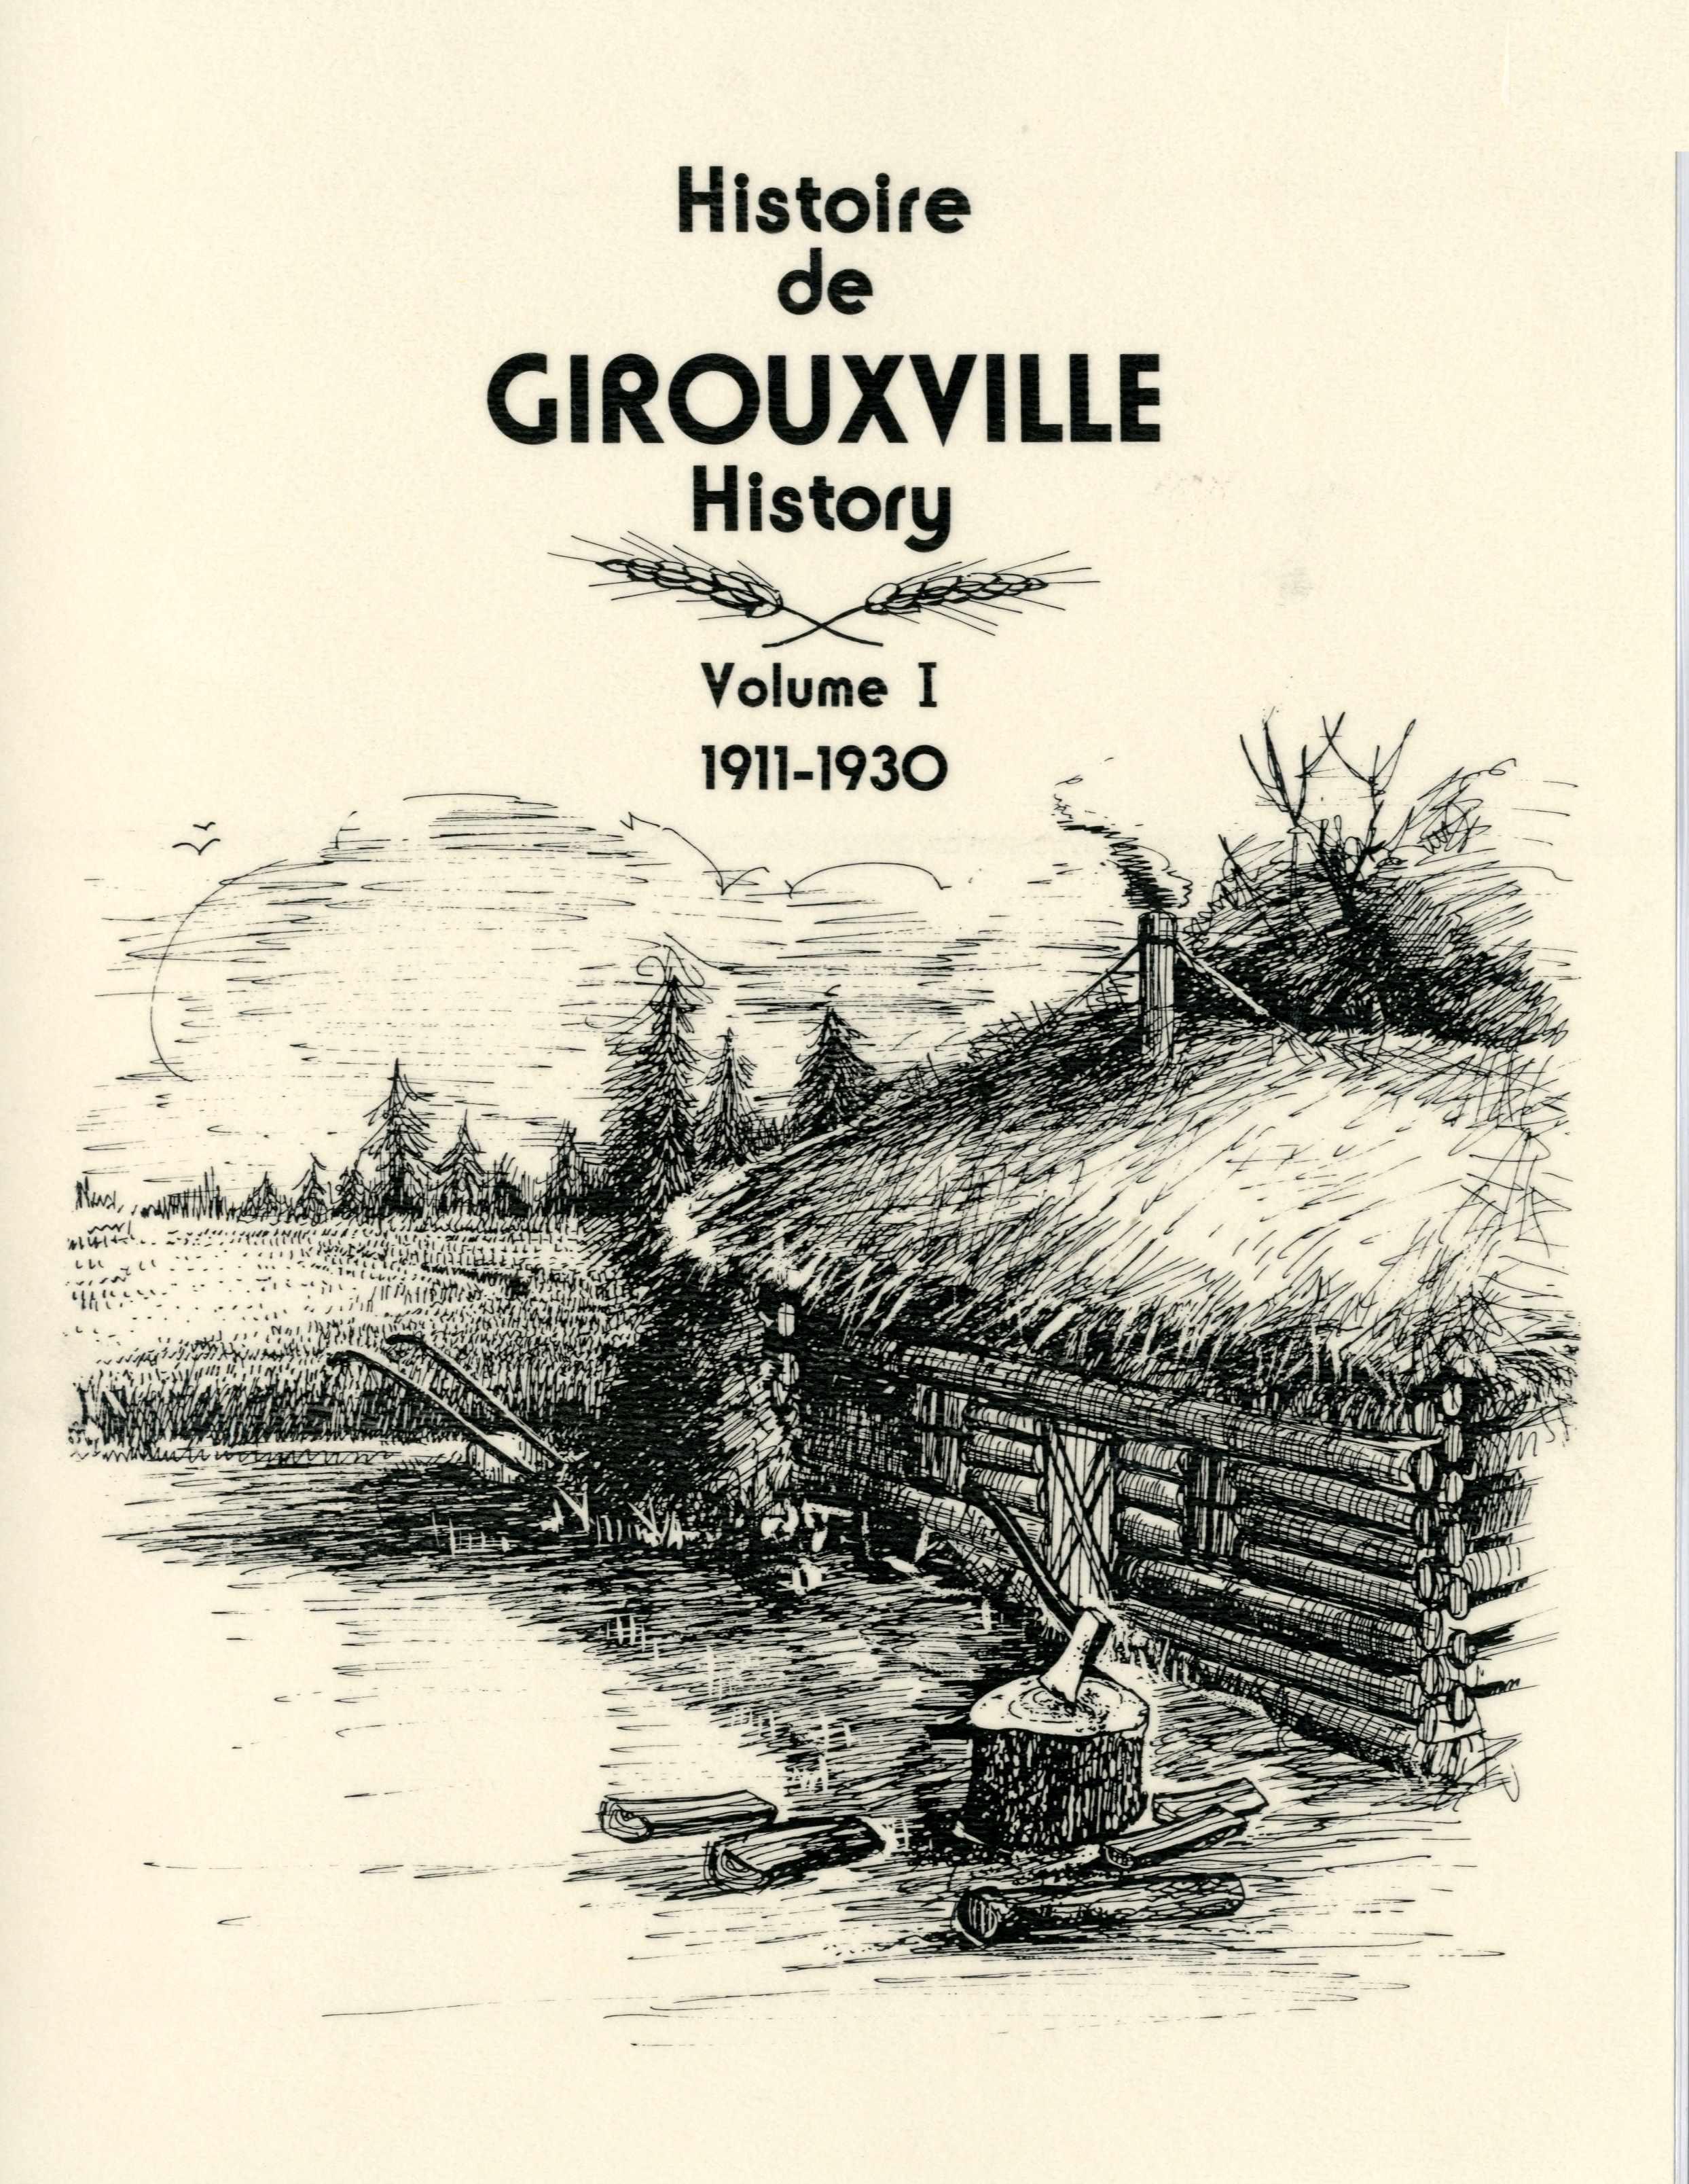 Histoire de Girouxville Image